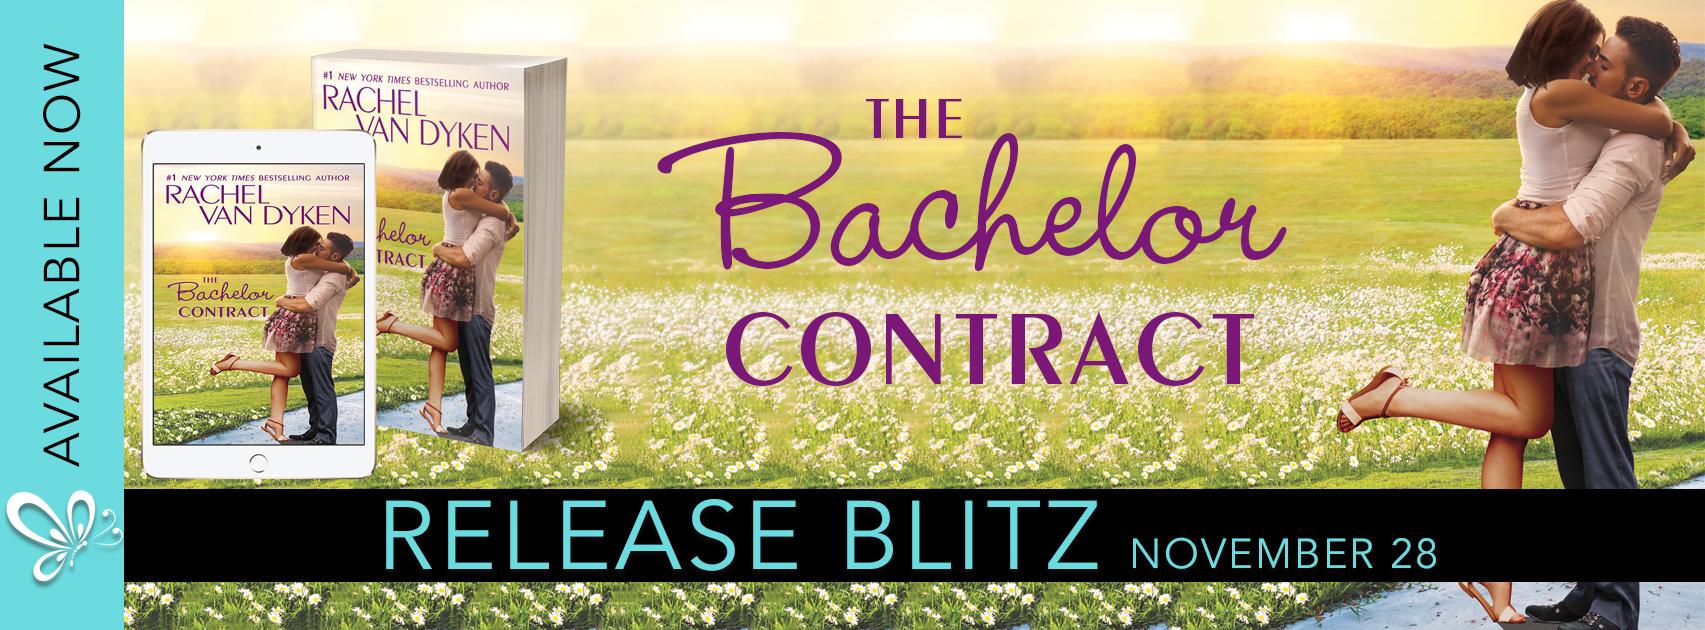 Release Blitz:  The Bachelor Contract (The Bachelors of Arizona #3) by Rachel Van Dyken